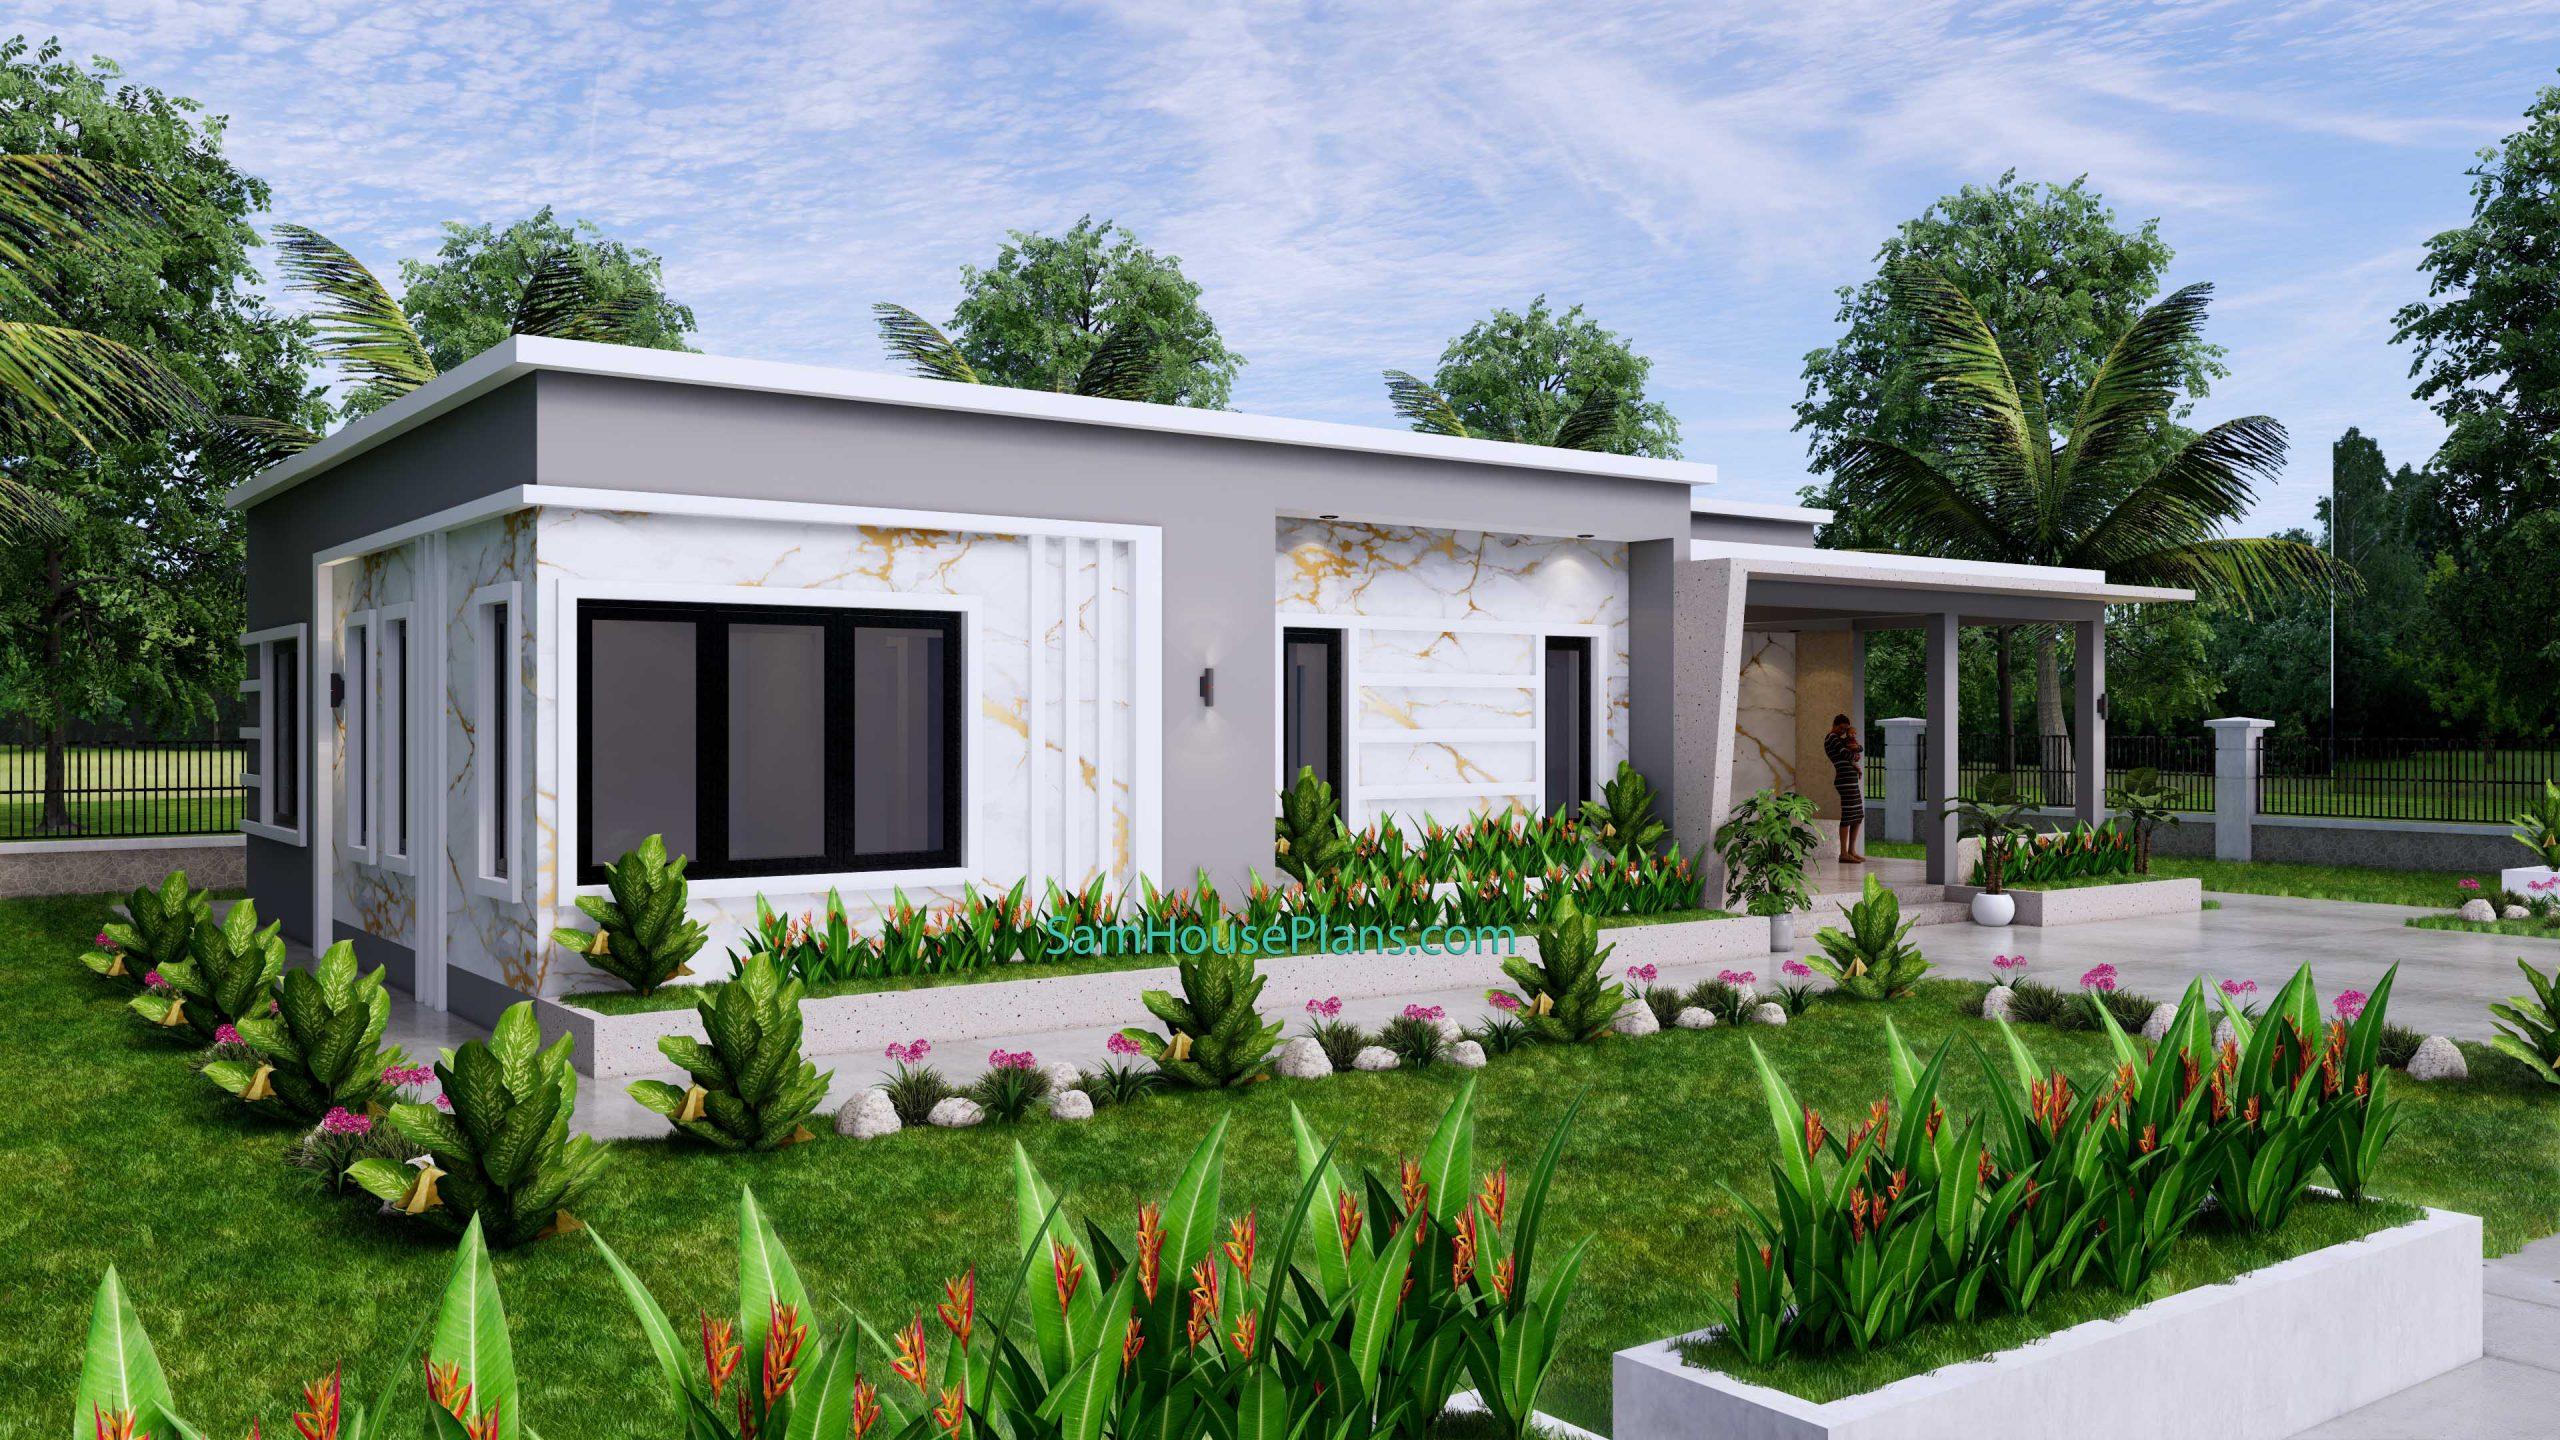 Modern House Design 15x9 M 49x30 Feet 3 Beds PDF Plan 3d view 3